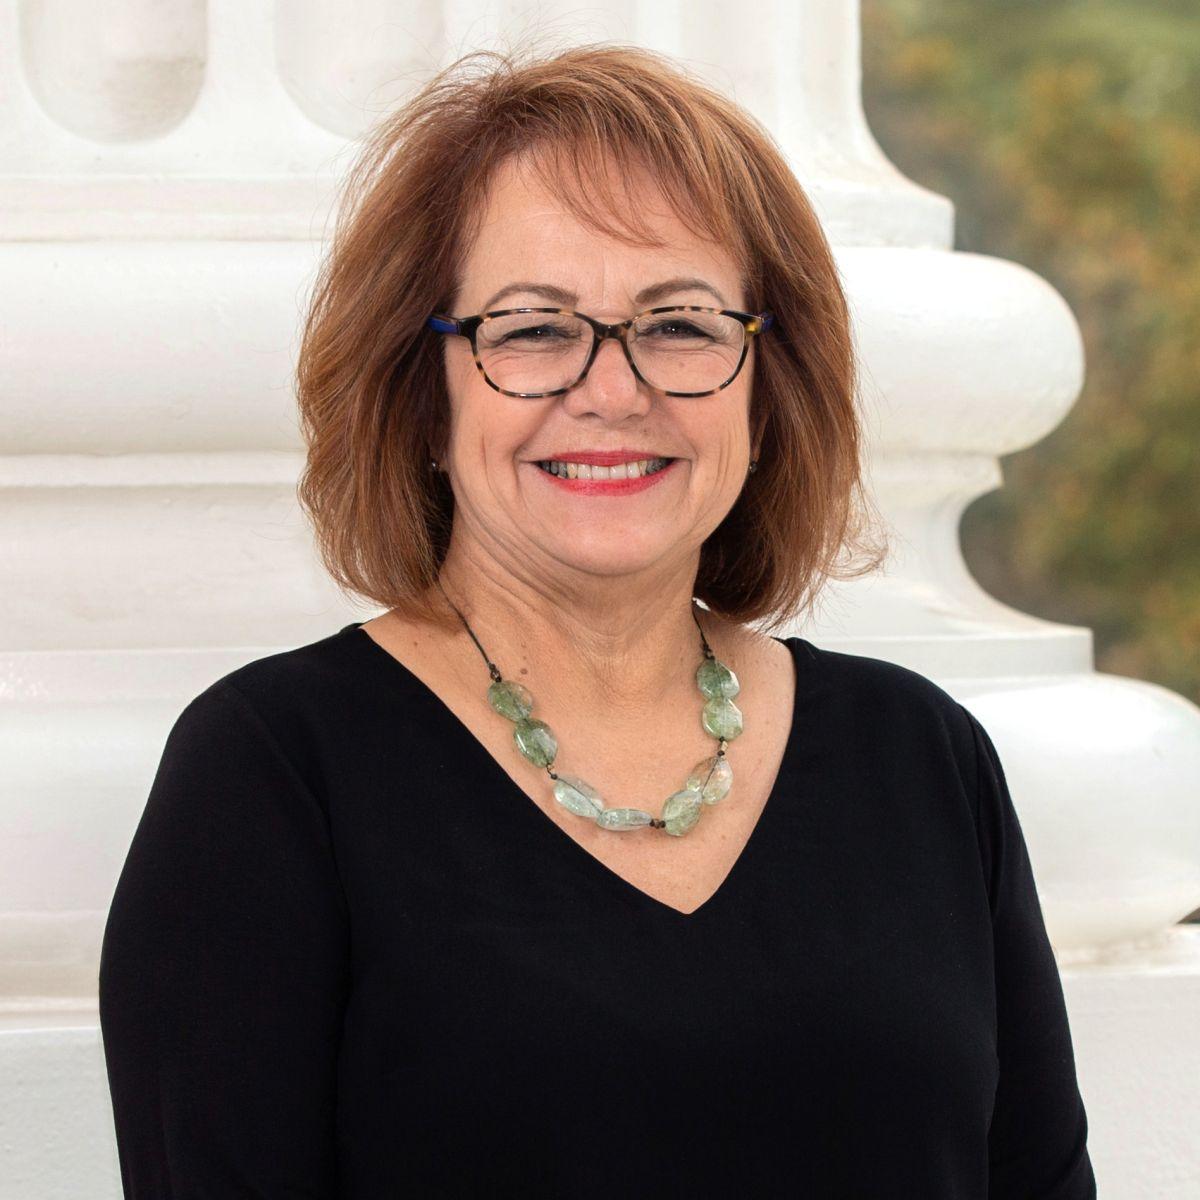 La senadora estatal   Maria Elena Durazo  (Cortesía Oficina en el Senado)